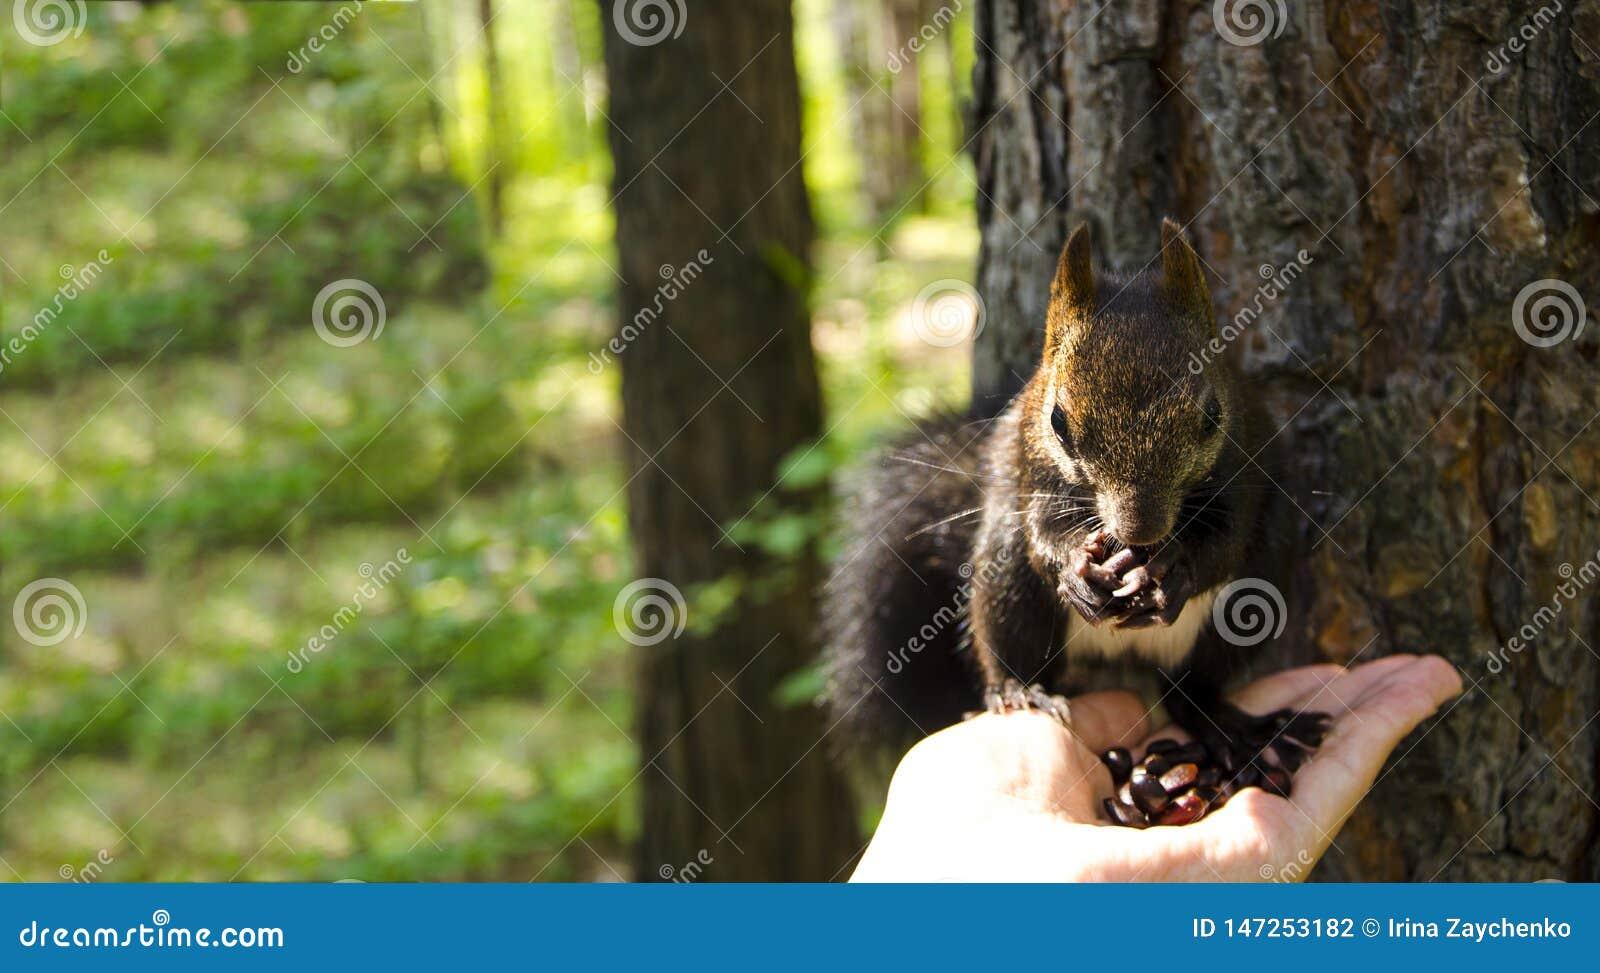 O esquilo come O esquilo toma as porcas de suas mãos